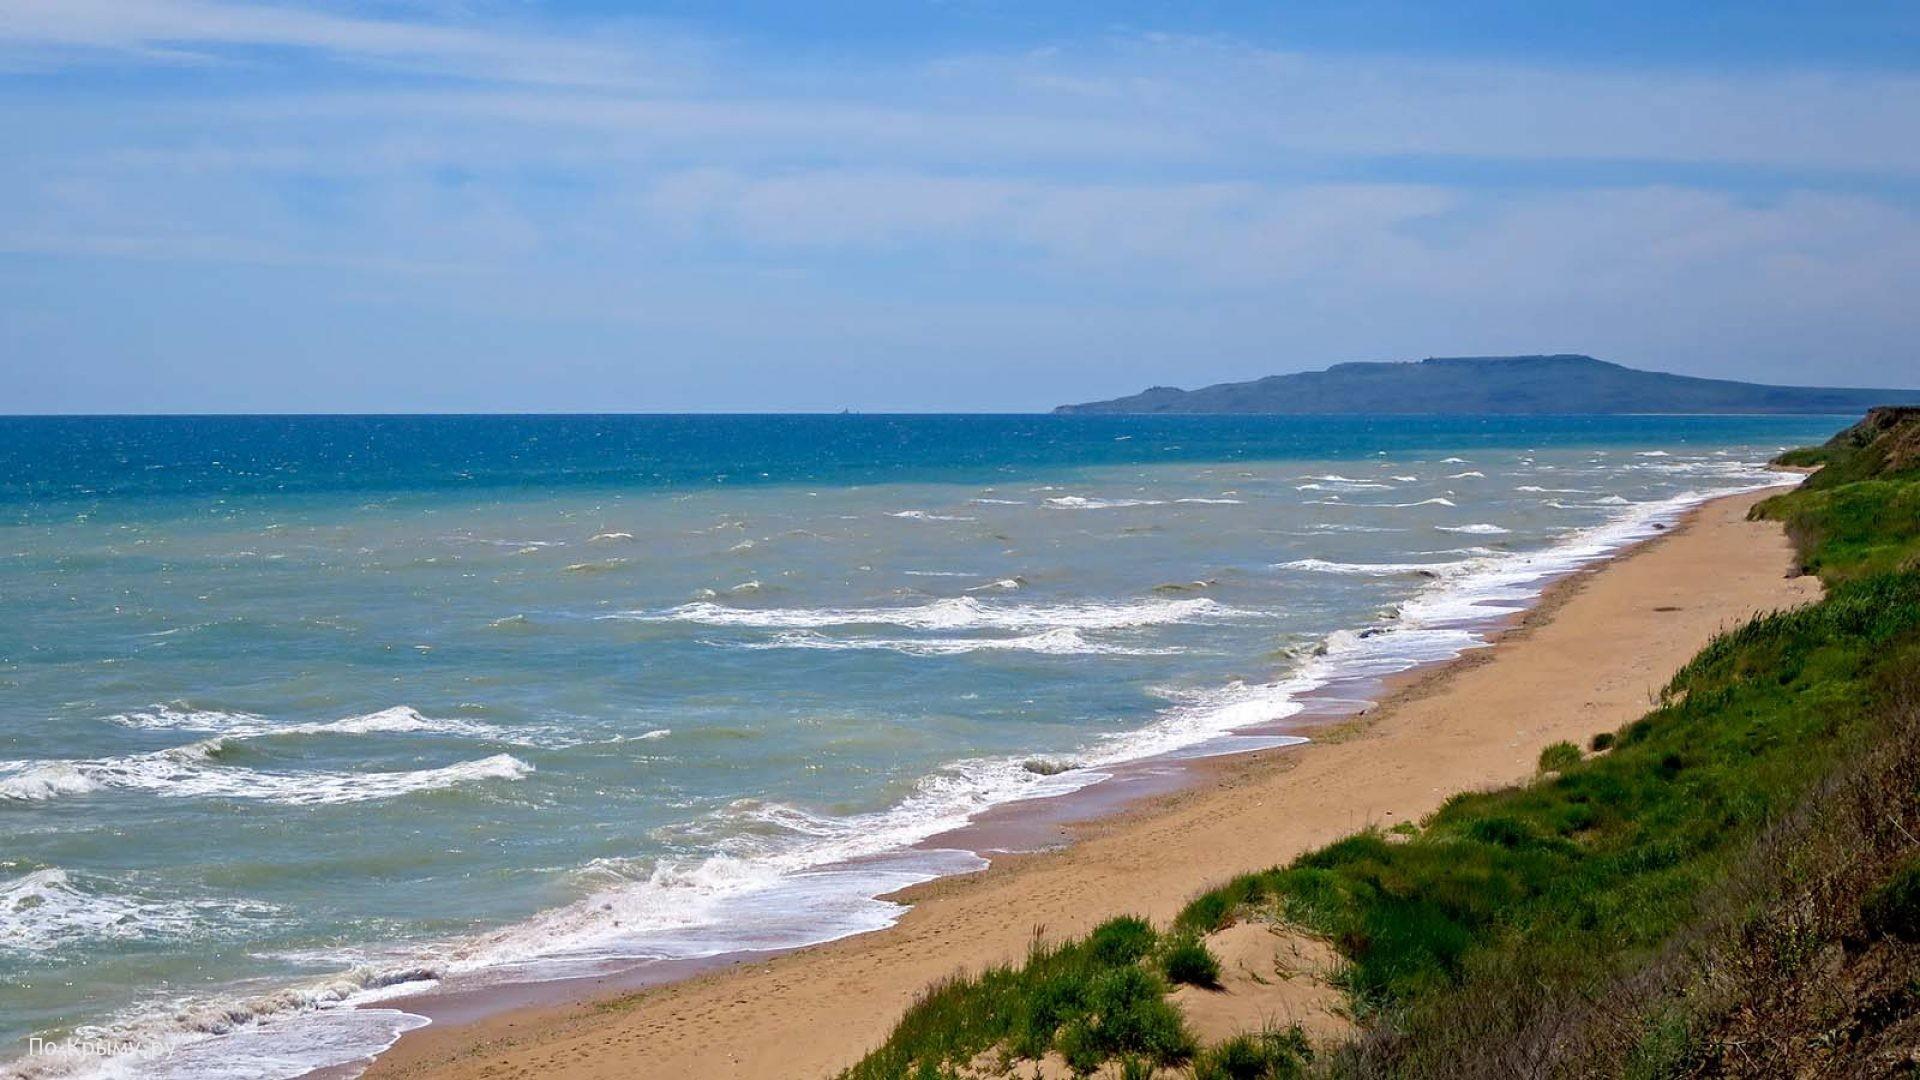 Восток Крыма. Просторные дикие песчаные пляжи